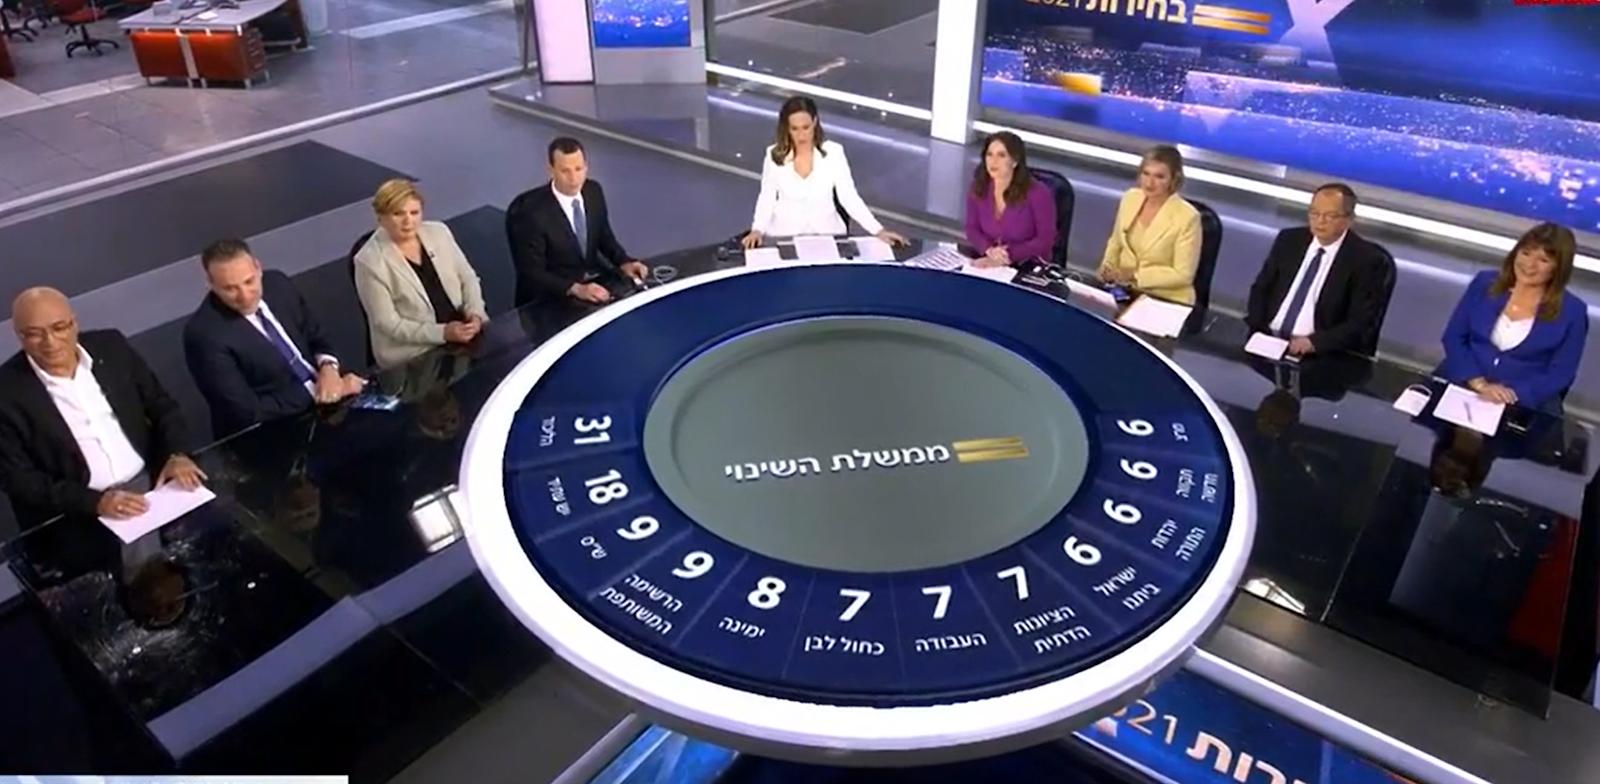 משדר הבחירות של חדשות 12, אמש / צילום: צילום מסך